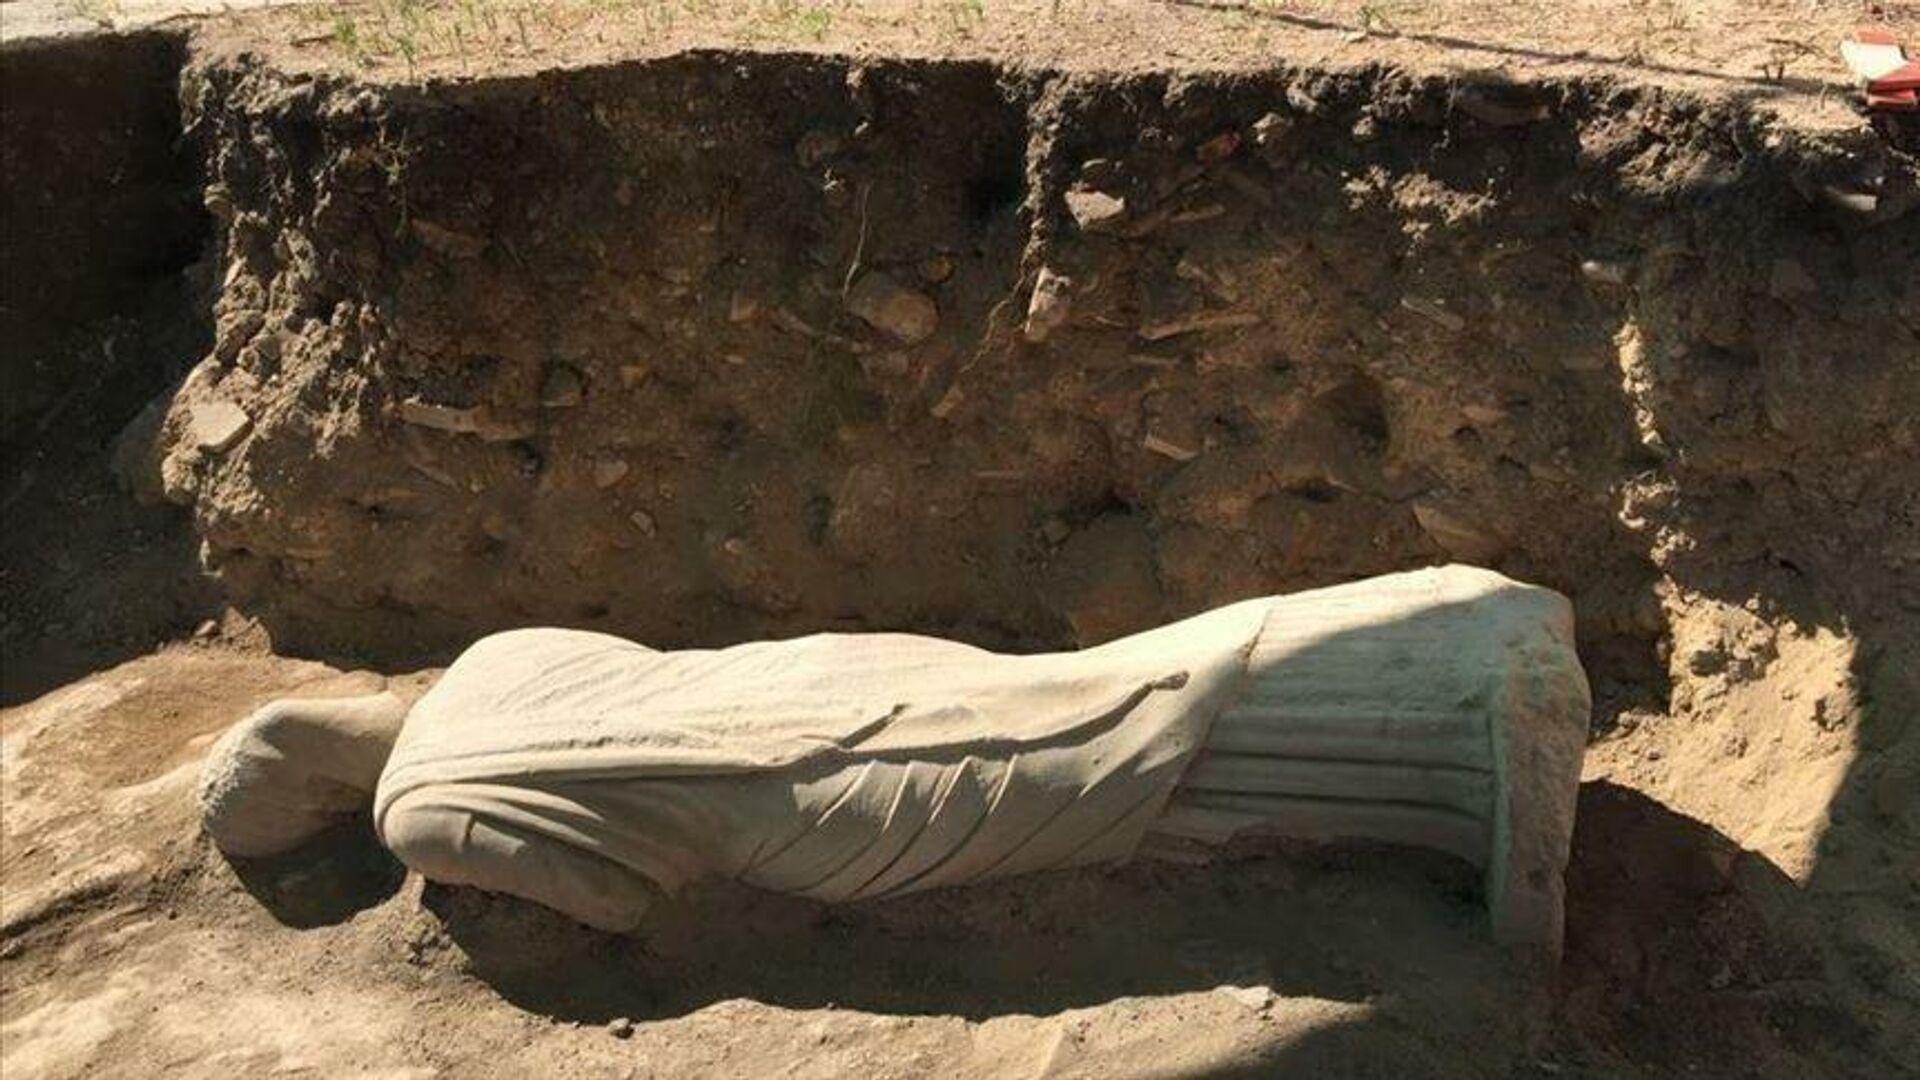 1700-летняя статуя женщины эллинистического периода, найденная в древнем городе Перге, ныне находящемся в турецкой средиземноморской провинции Анталья - РИА Новости, 1920, 29.07.2020